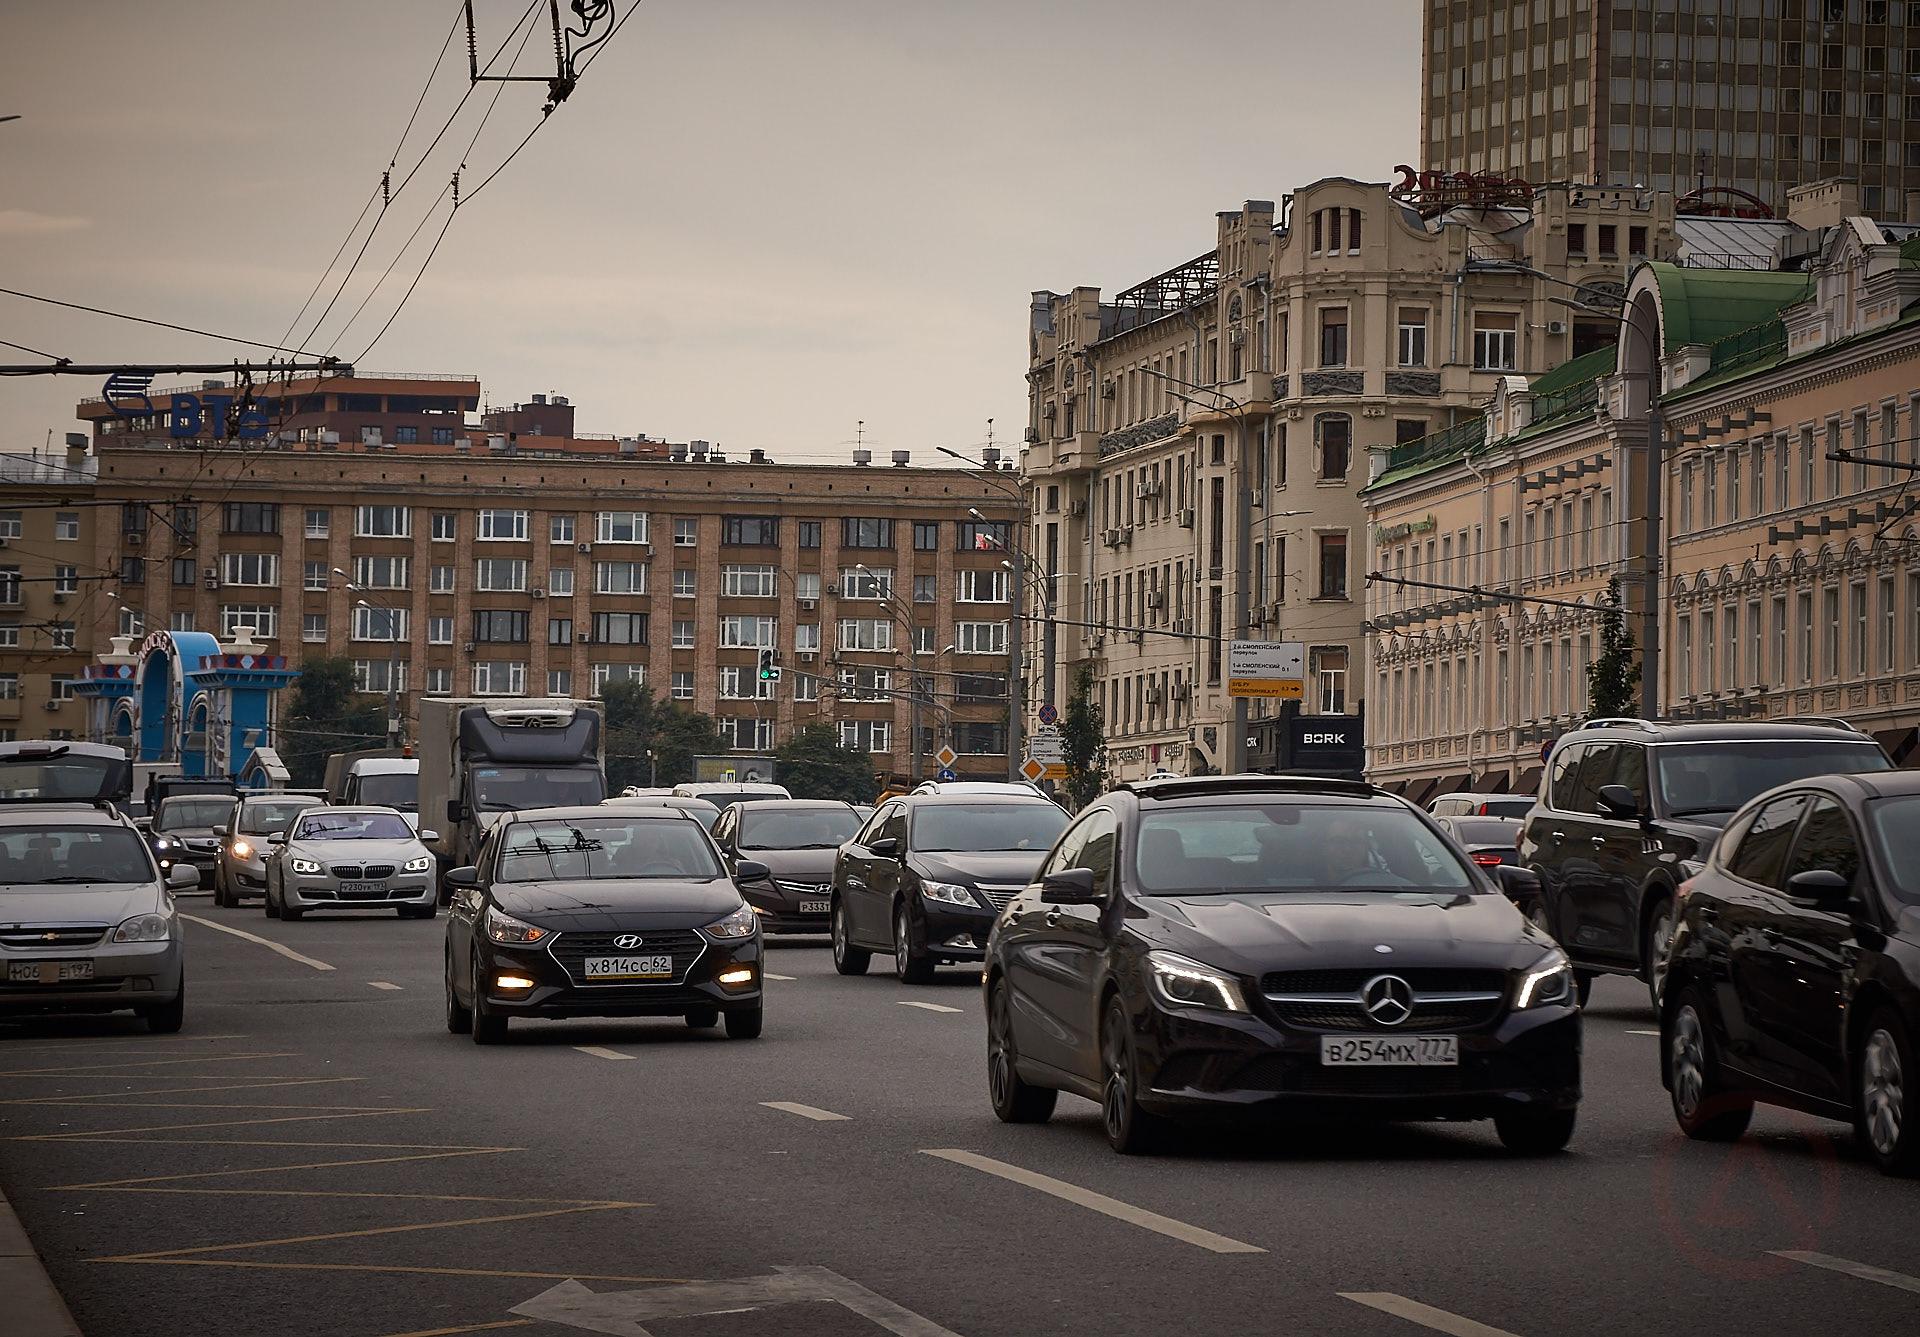 Москва пробки движение транспорт центр садовое кольцо Новый Арбат парковка остановка общественный транспорт